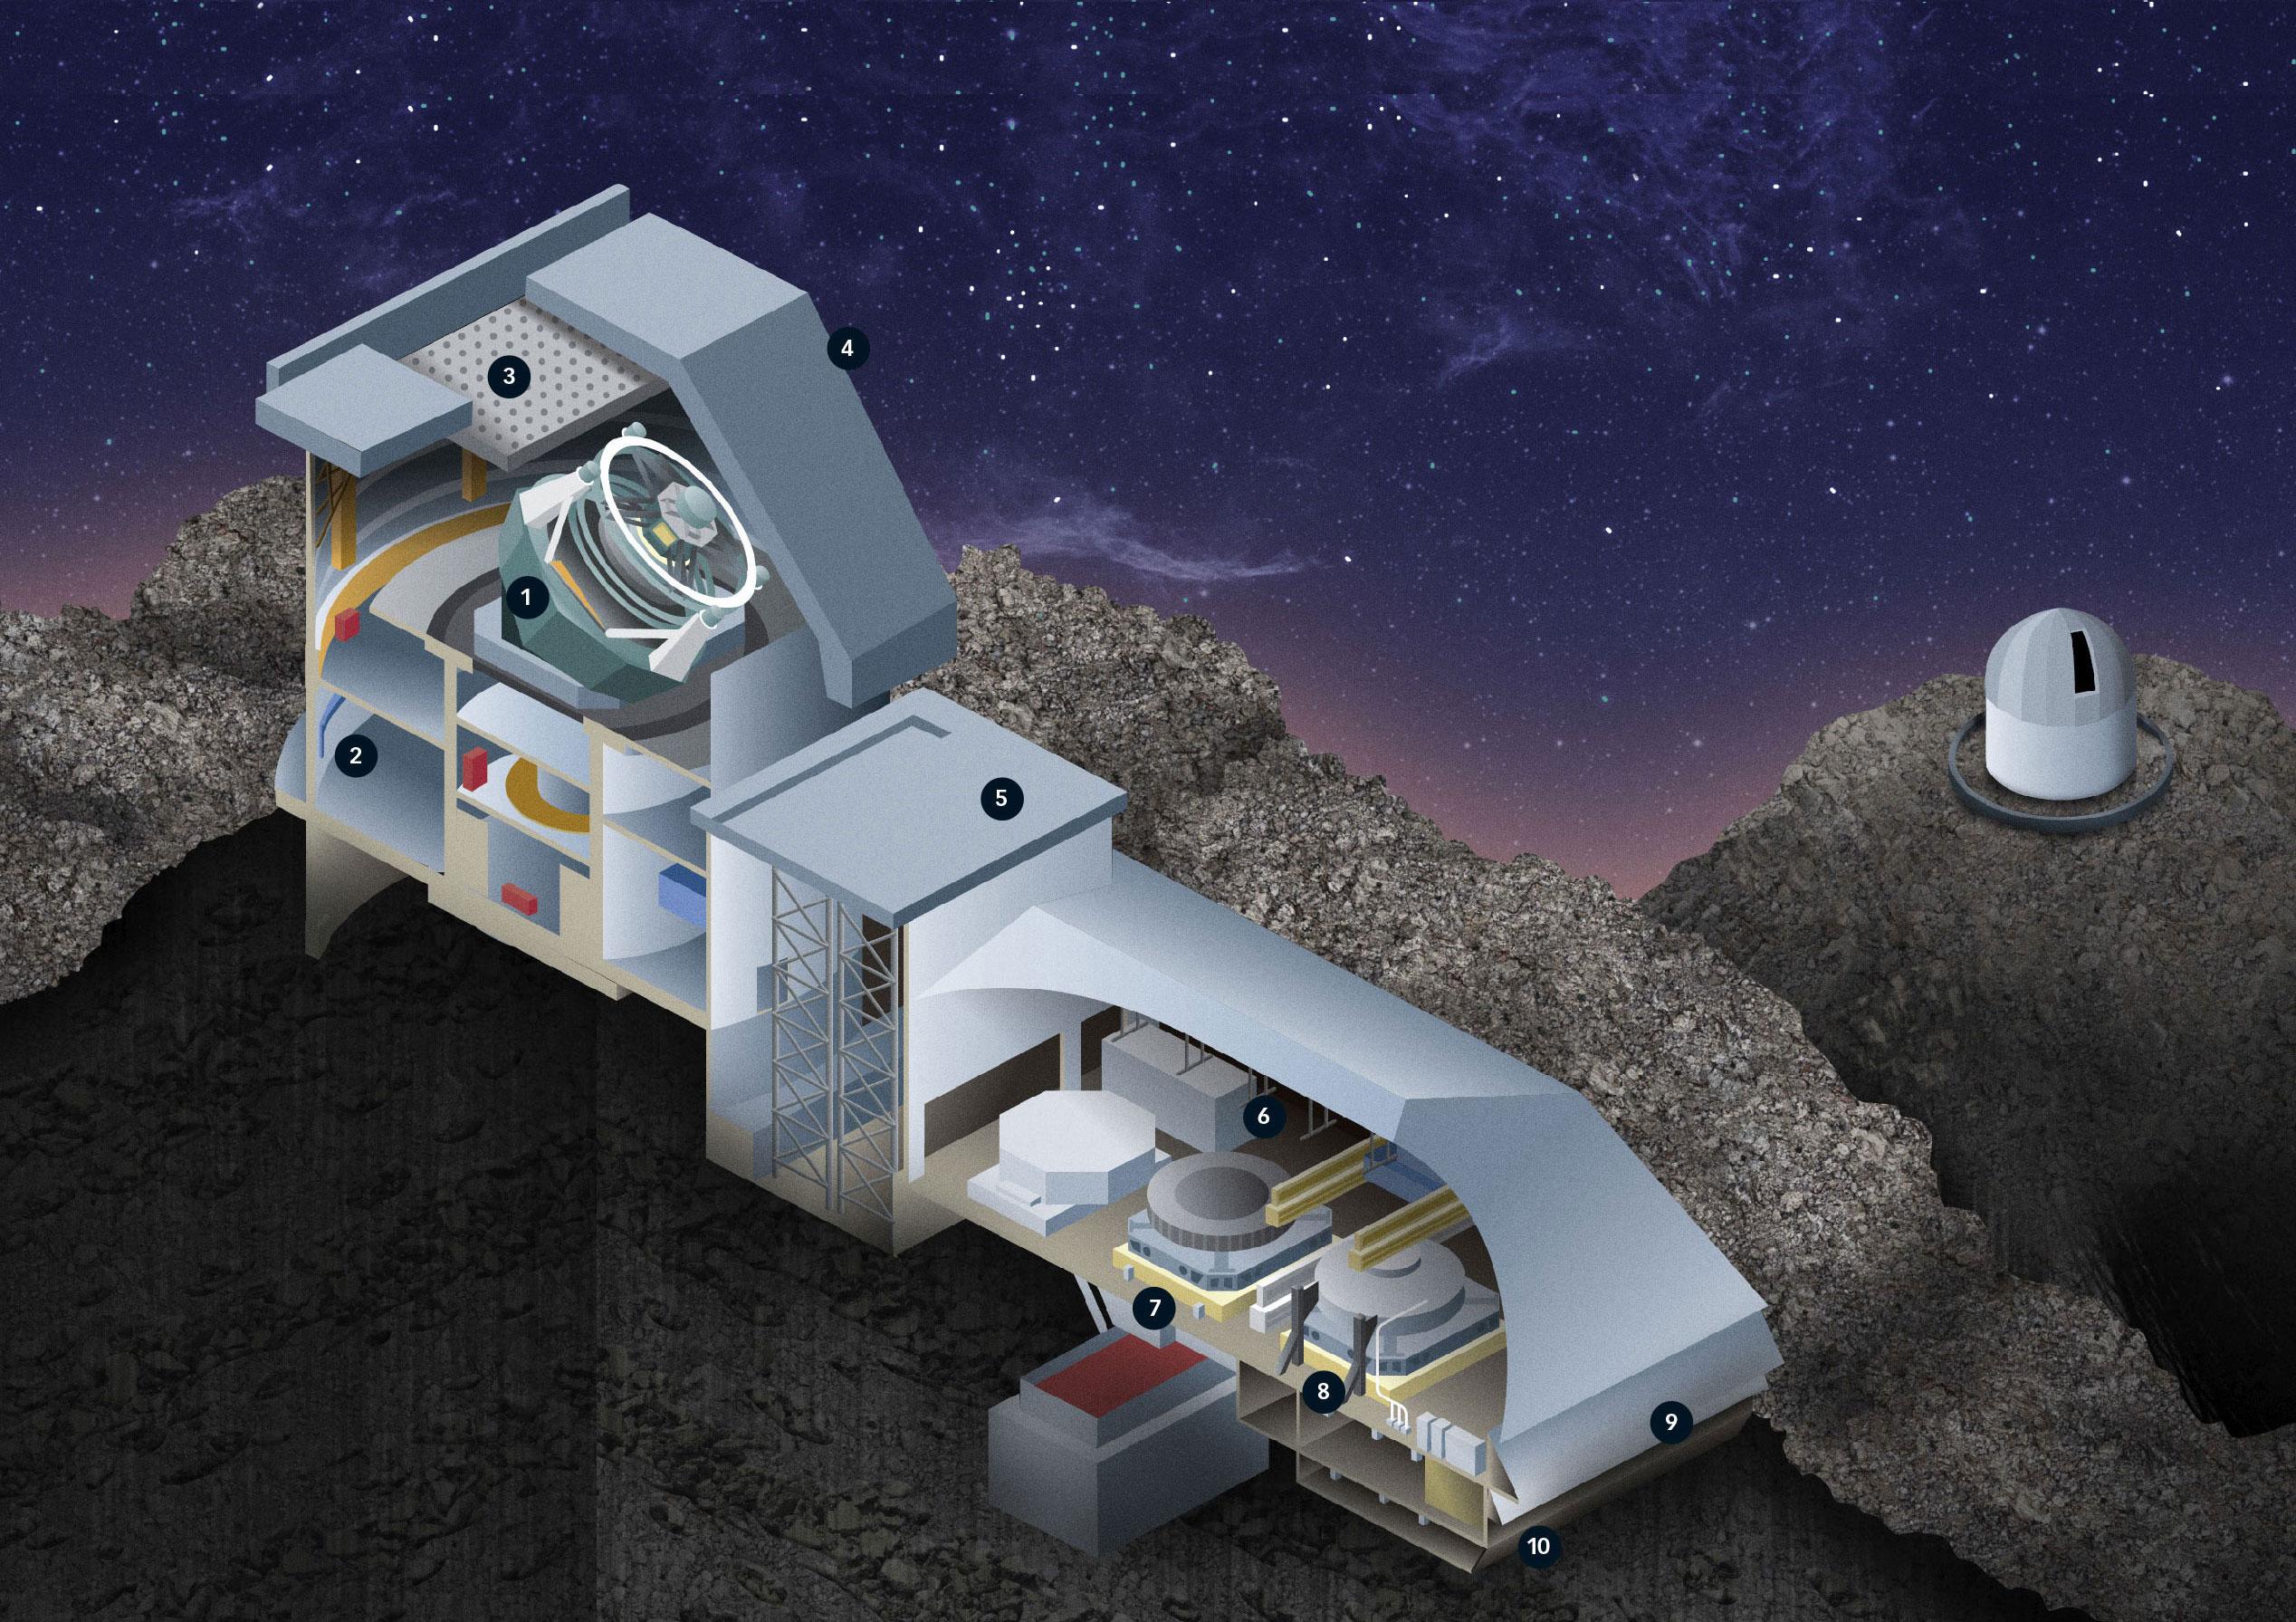 LSST大口径全景巡天望远镜主要组成部分: